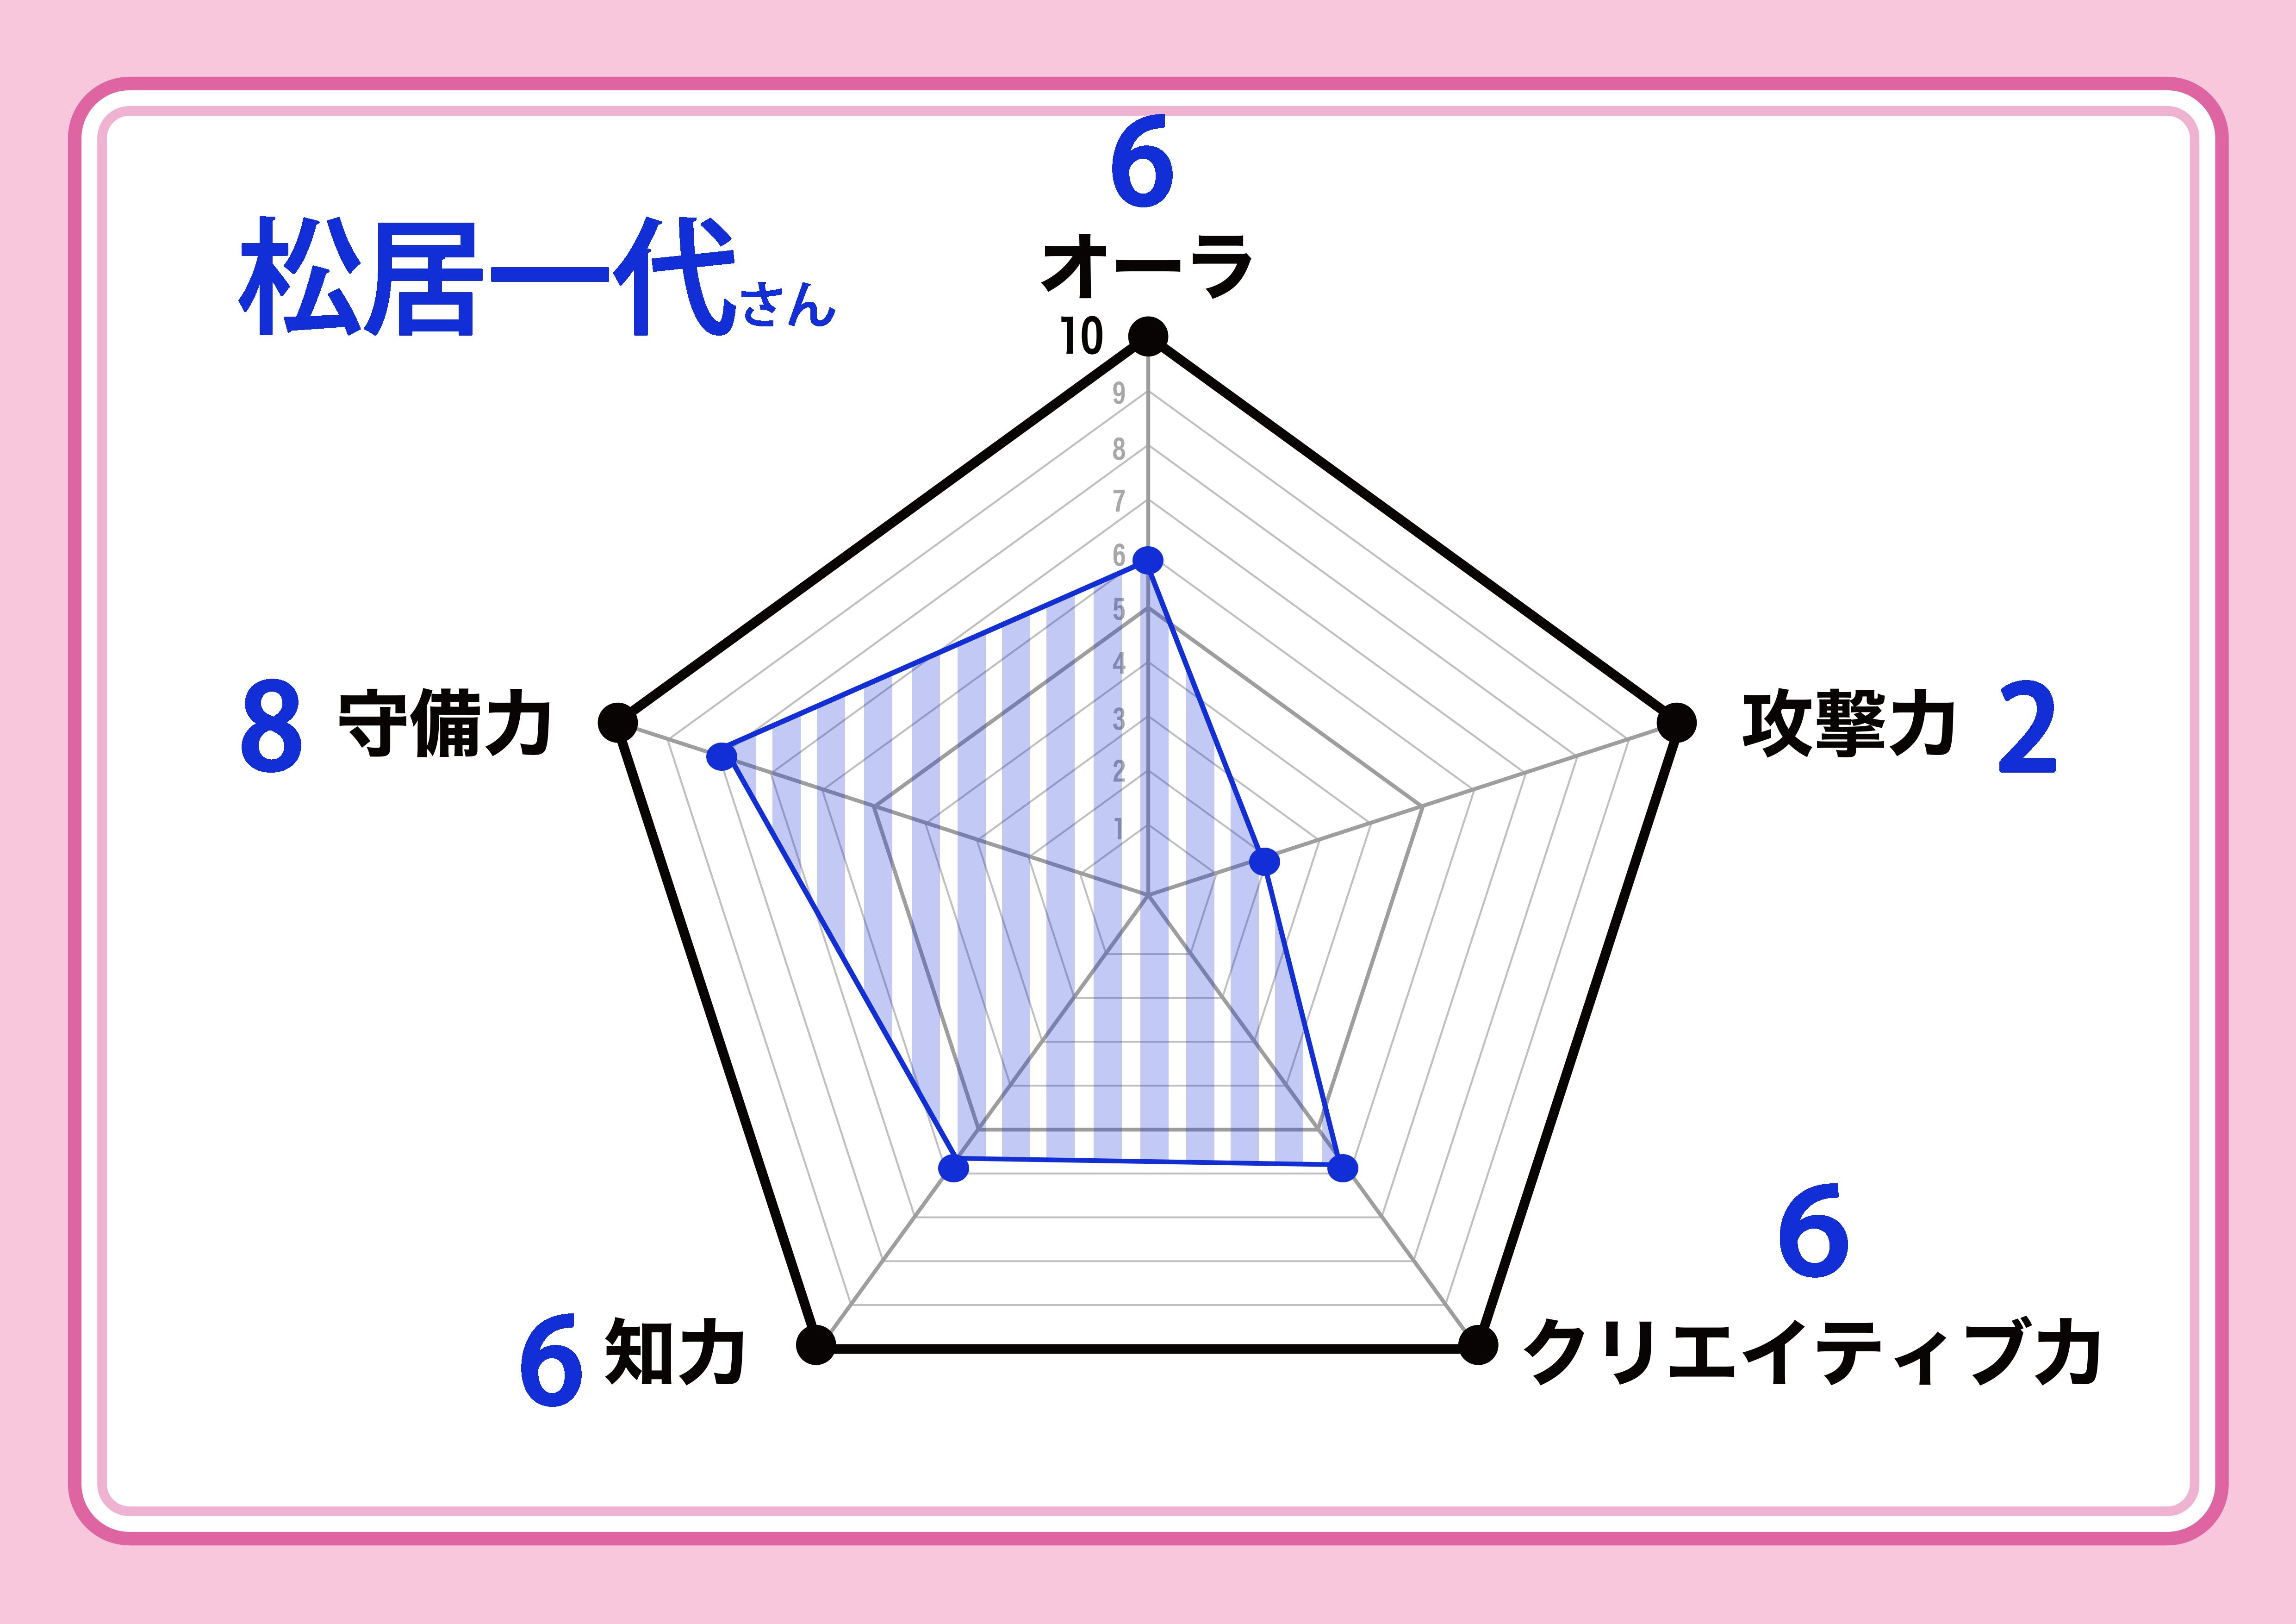 kazuyo_chart